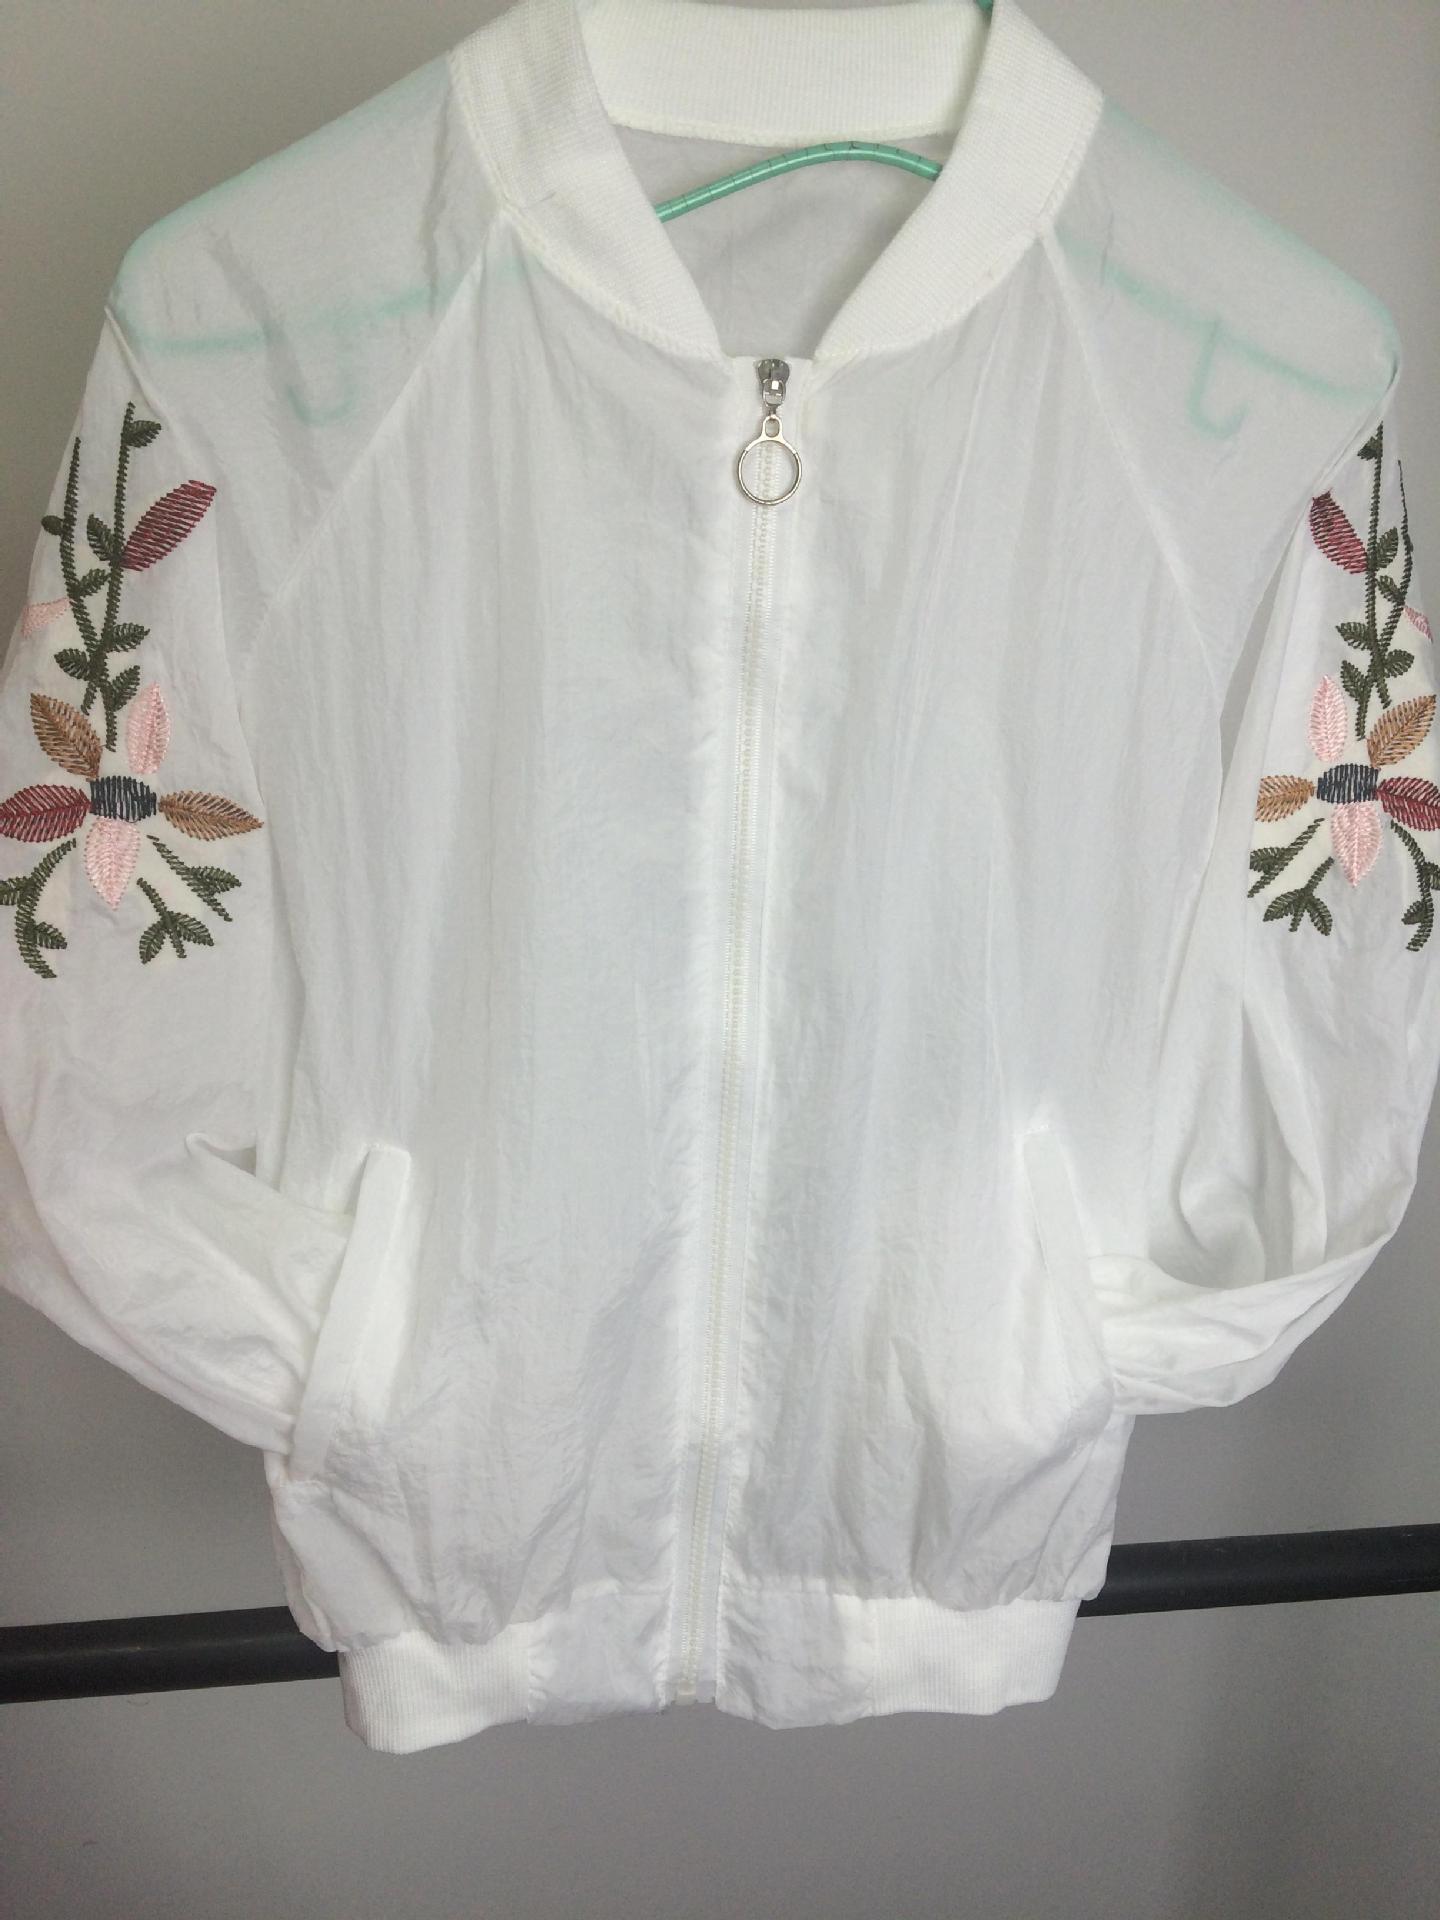 夏季时尚韩版防辐射防晒衣,出游百搭防紫外线夹克型绣花皮肤衣女